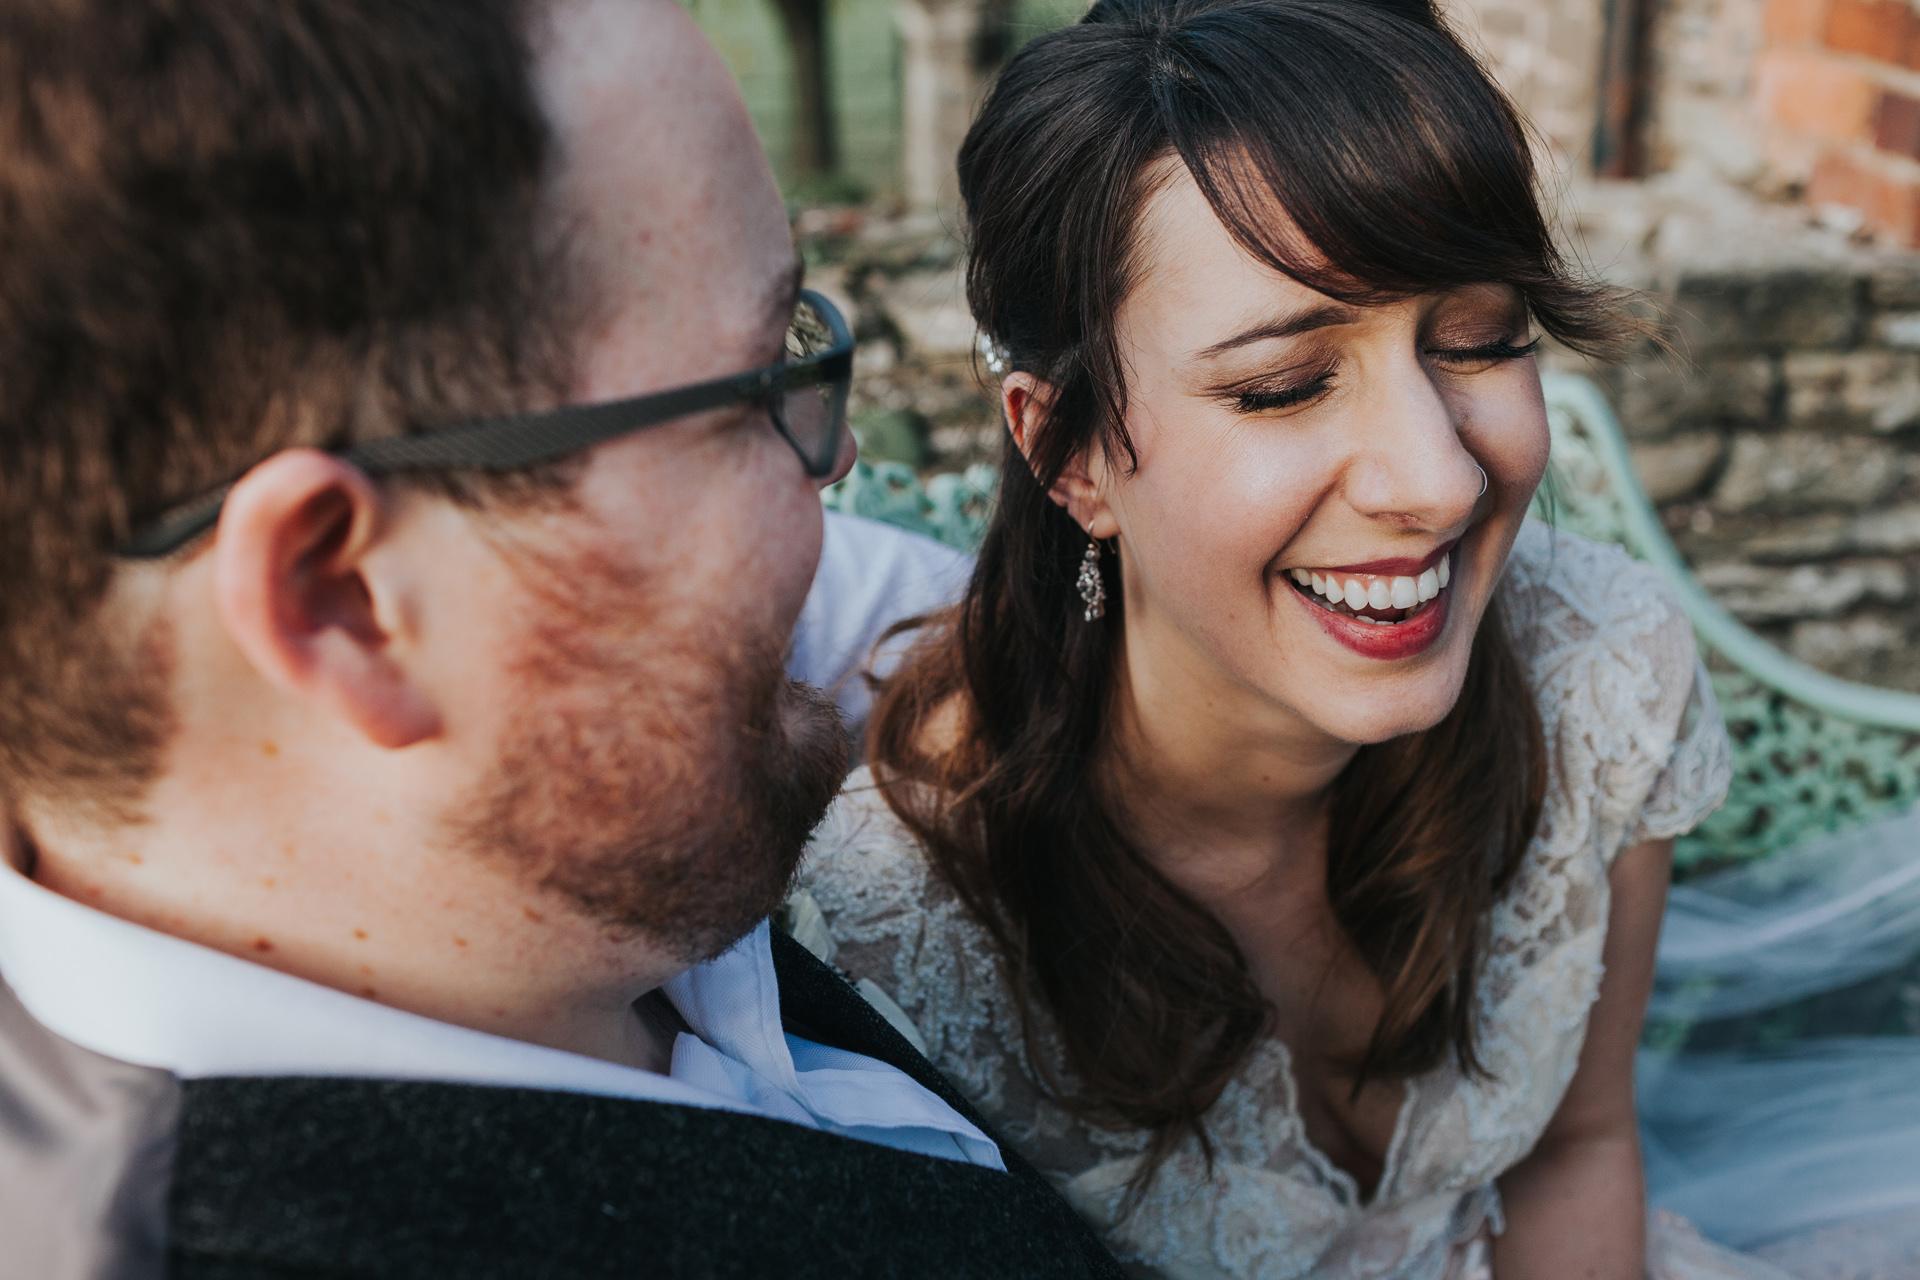 Bride laughs as groom whispers something in her ear.